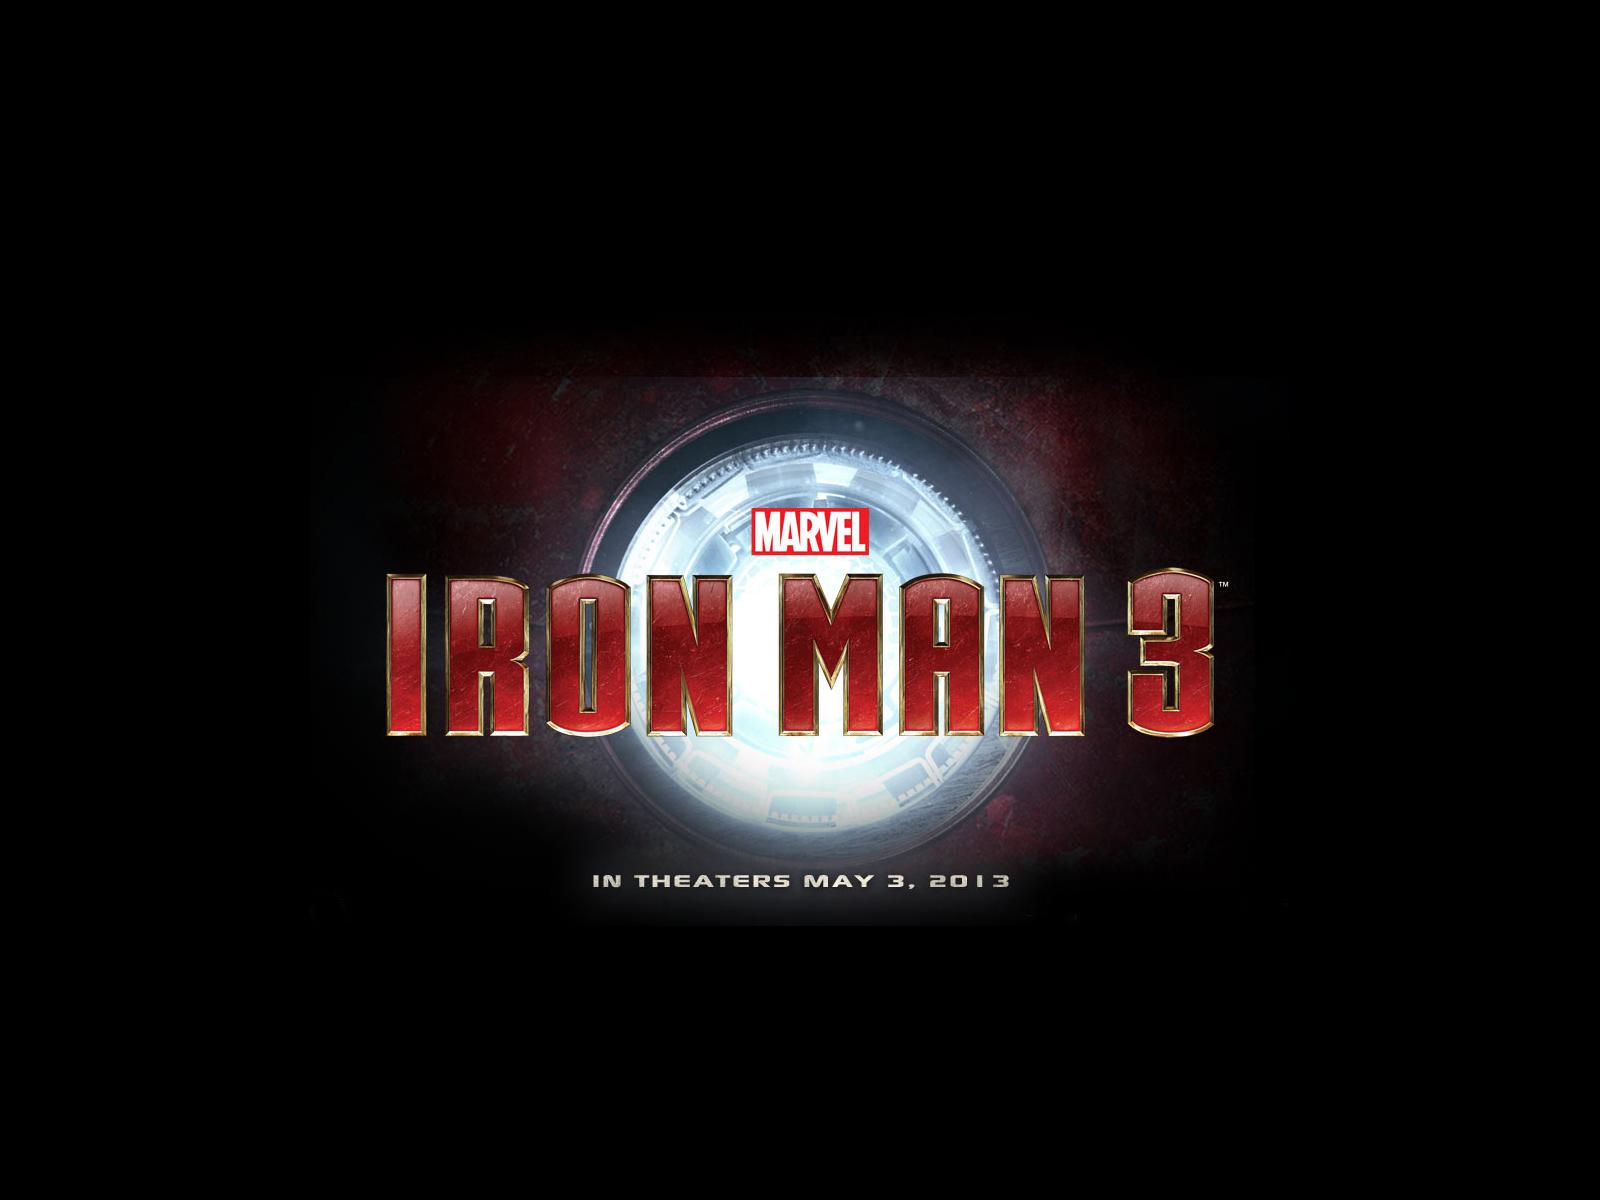 http://3.bp.blogspot.com/-qaaxj_IDqWI/UMZ7HcSYgvI/AAAAAAAAQe8/J_lxnZtQX1c/s1600/iron-man-3-poster-wallpapers_35367_1600x1200.jpg